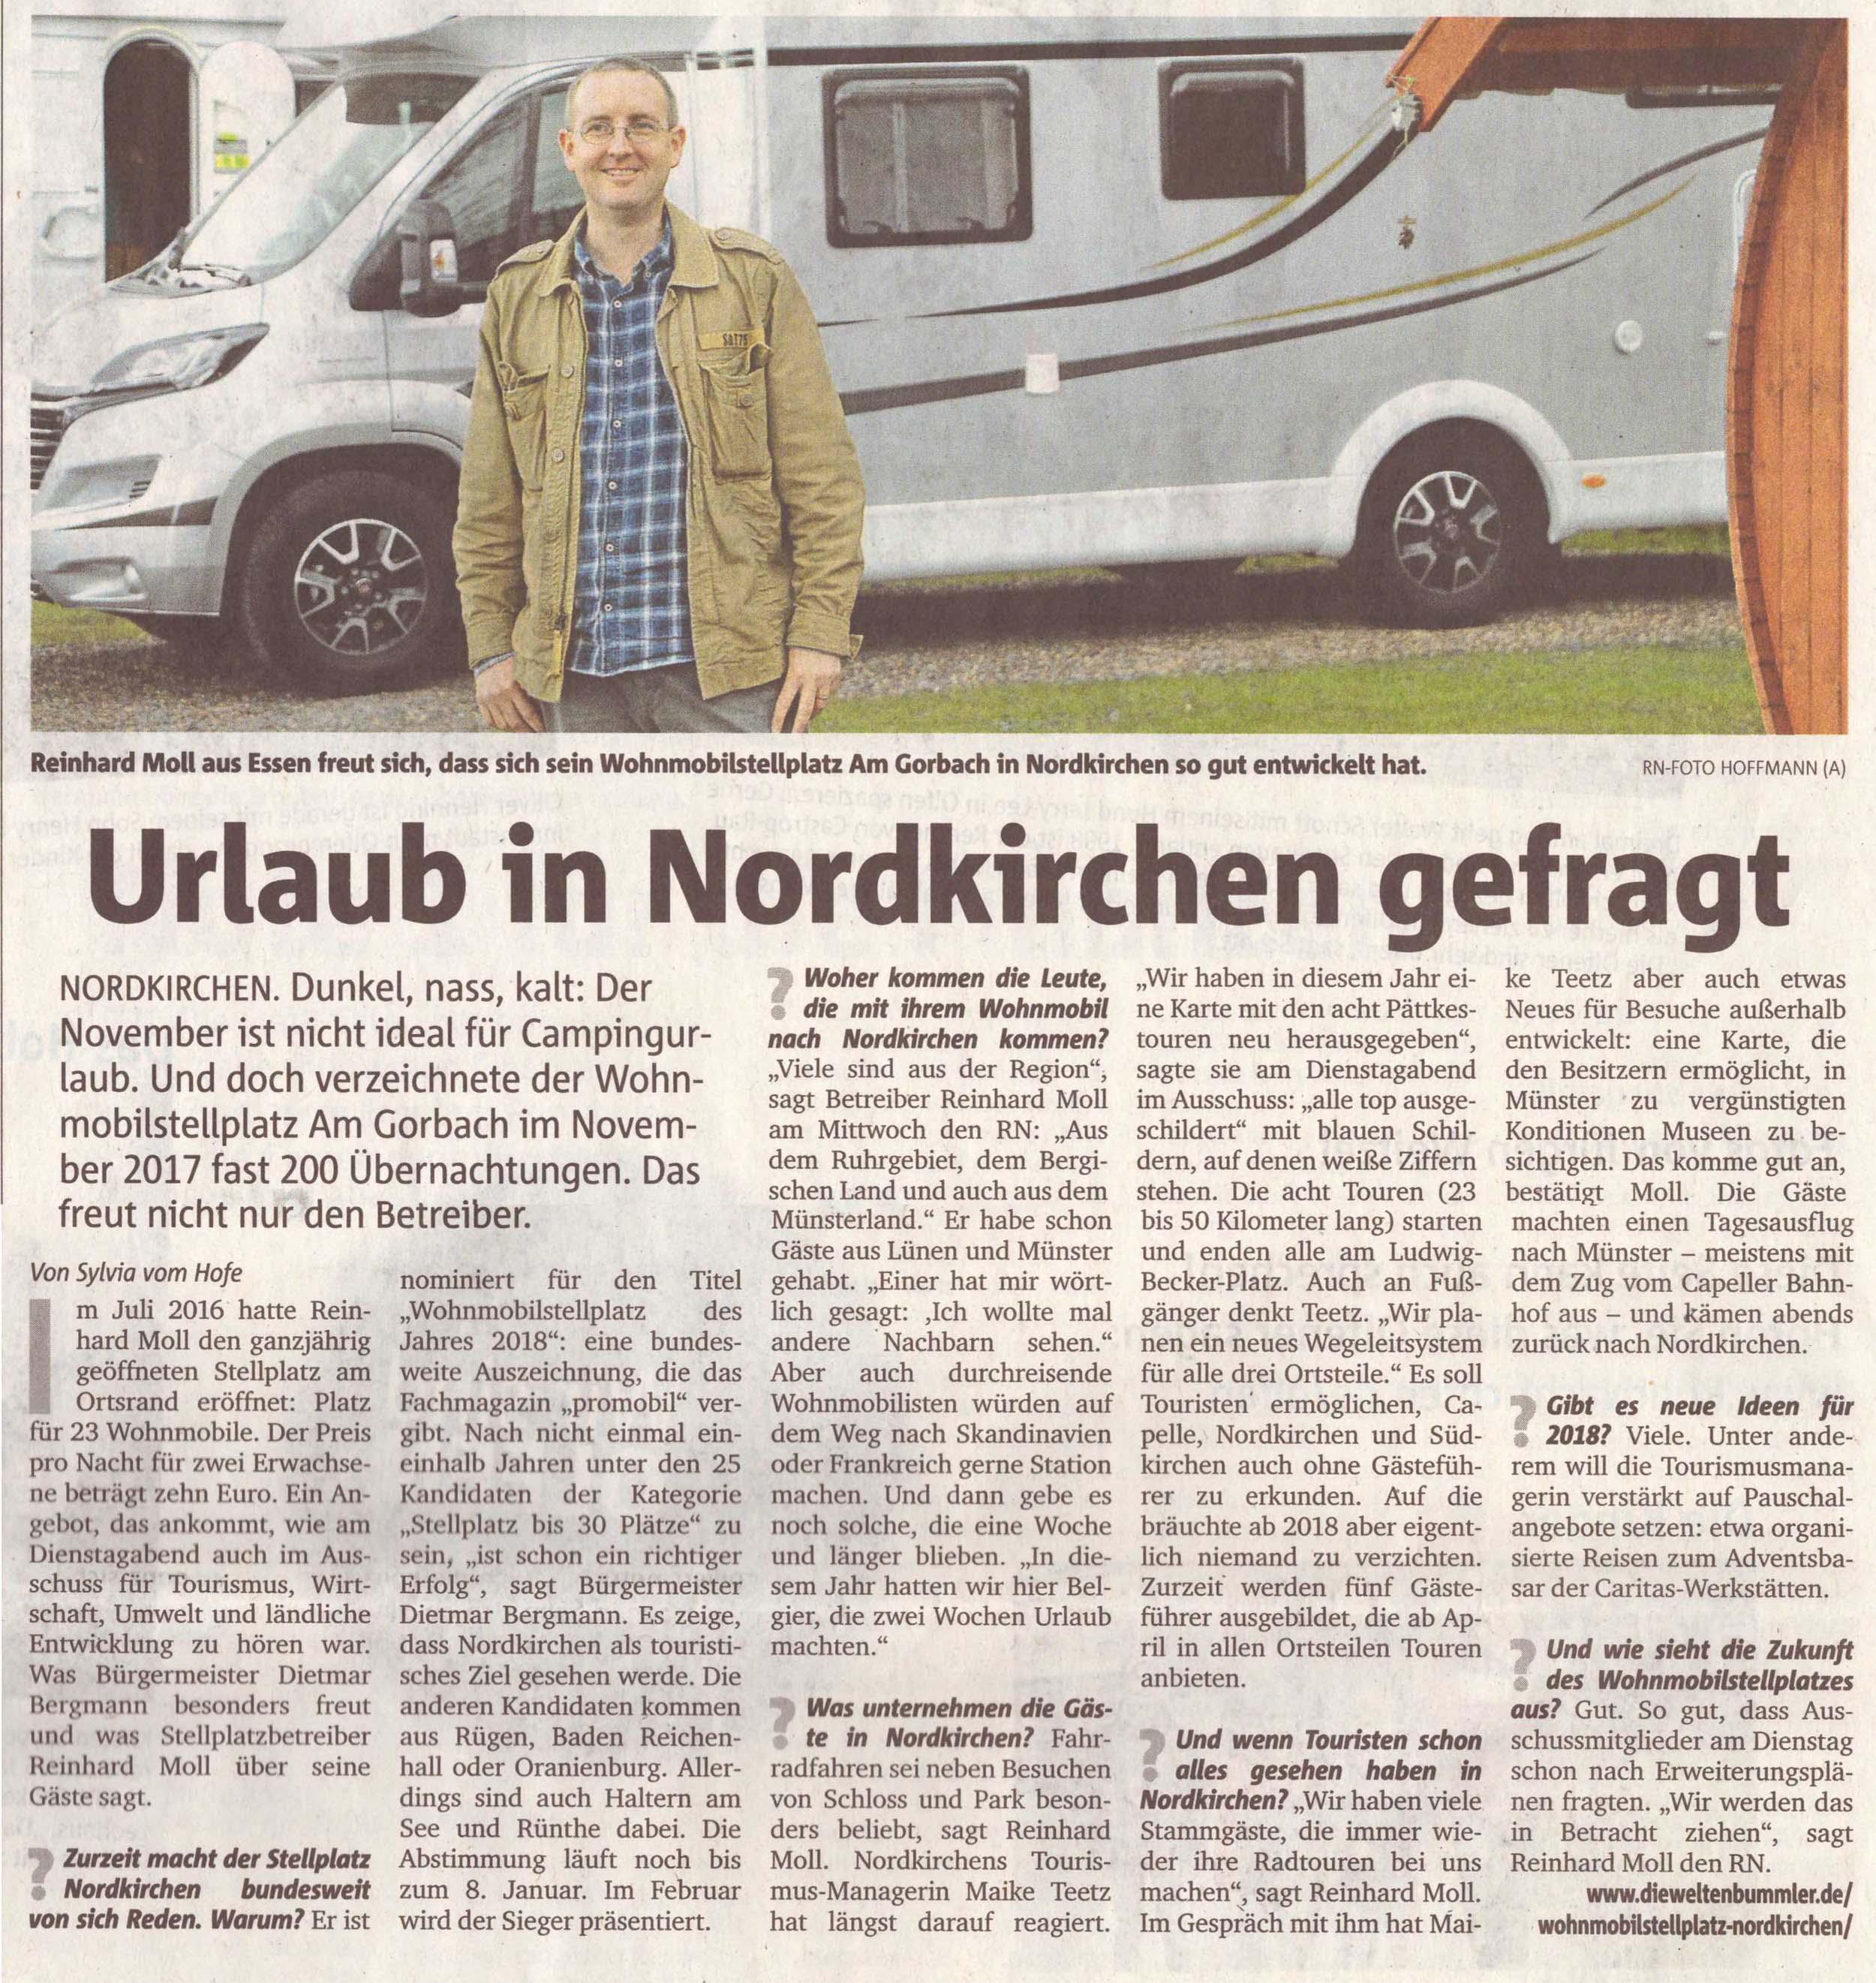 Ruhrnachrichten vom 8. Dezember 2017